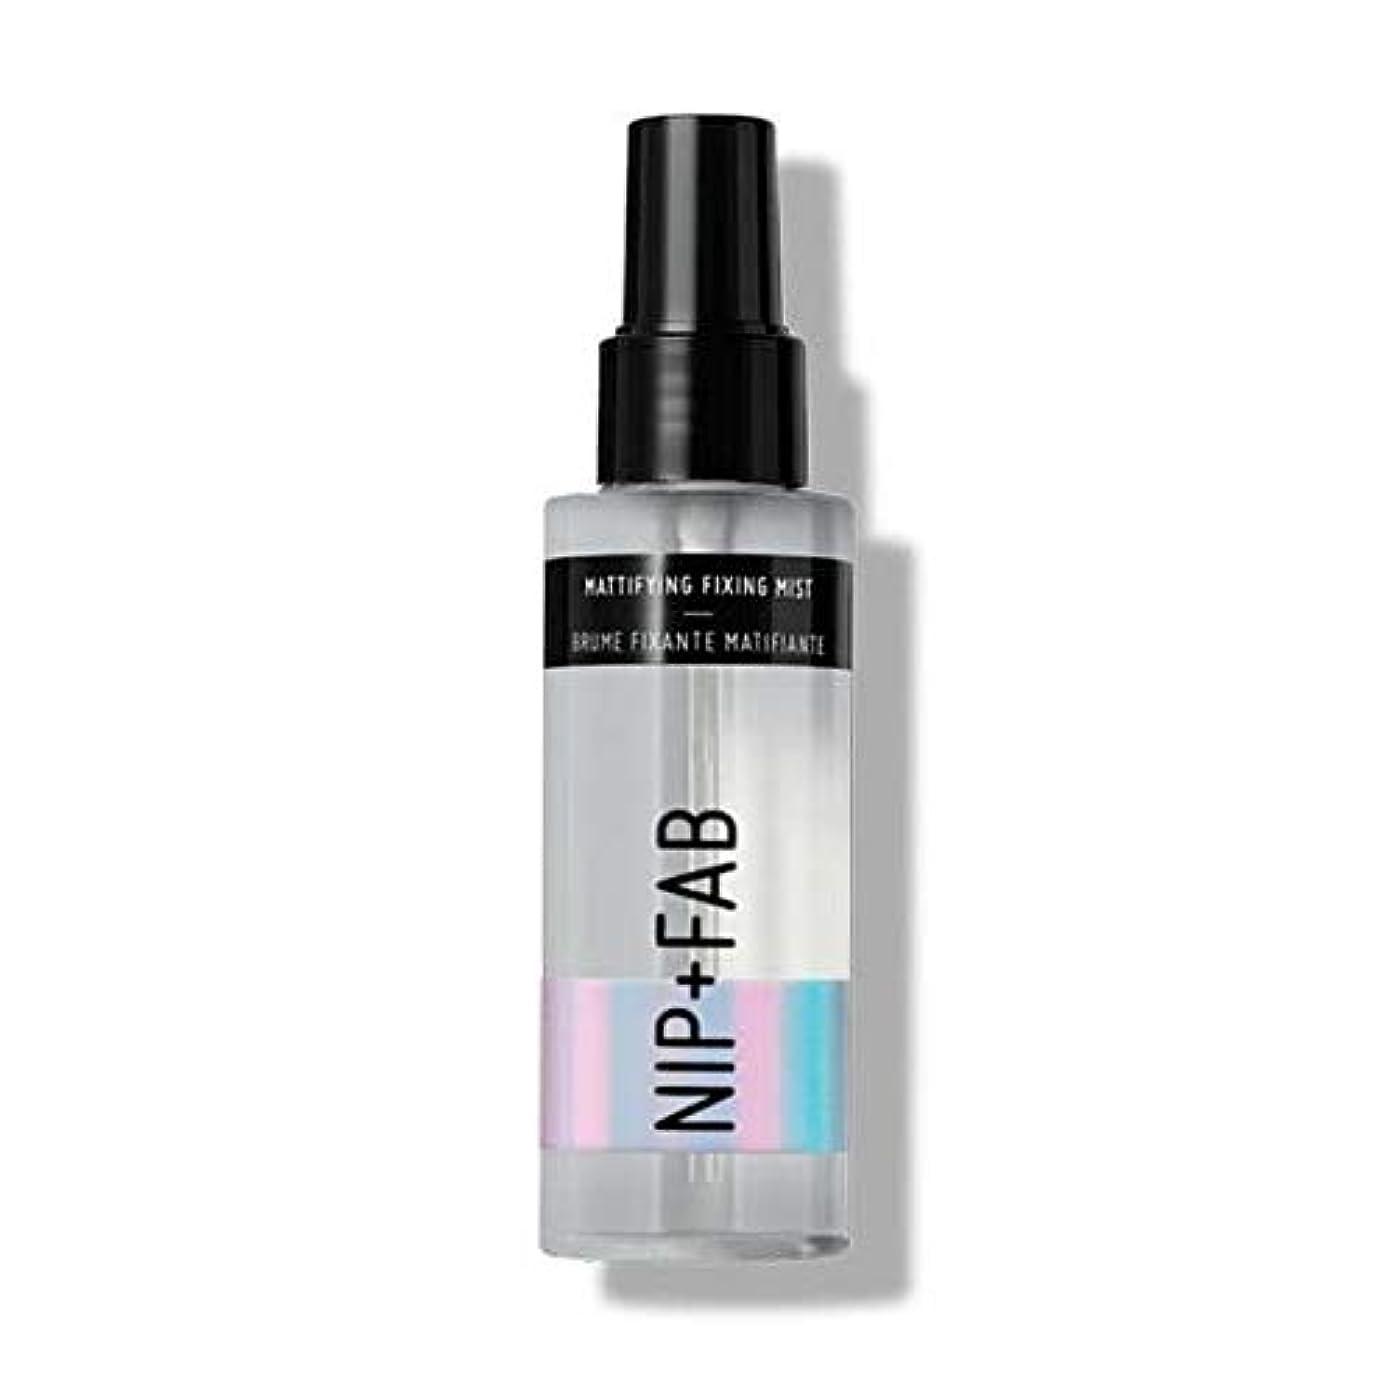 マッサージ機会バング[Nip & Fab ] ミスト100ミリリットル1を固定艶消し作るFab +ニップ - NIP+FAB Make Up Mattifying Fixing Mist 100ml 1 [並行輸入品]